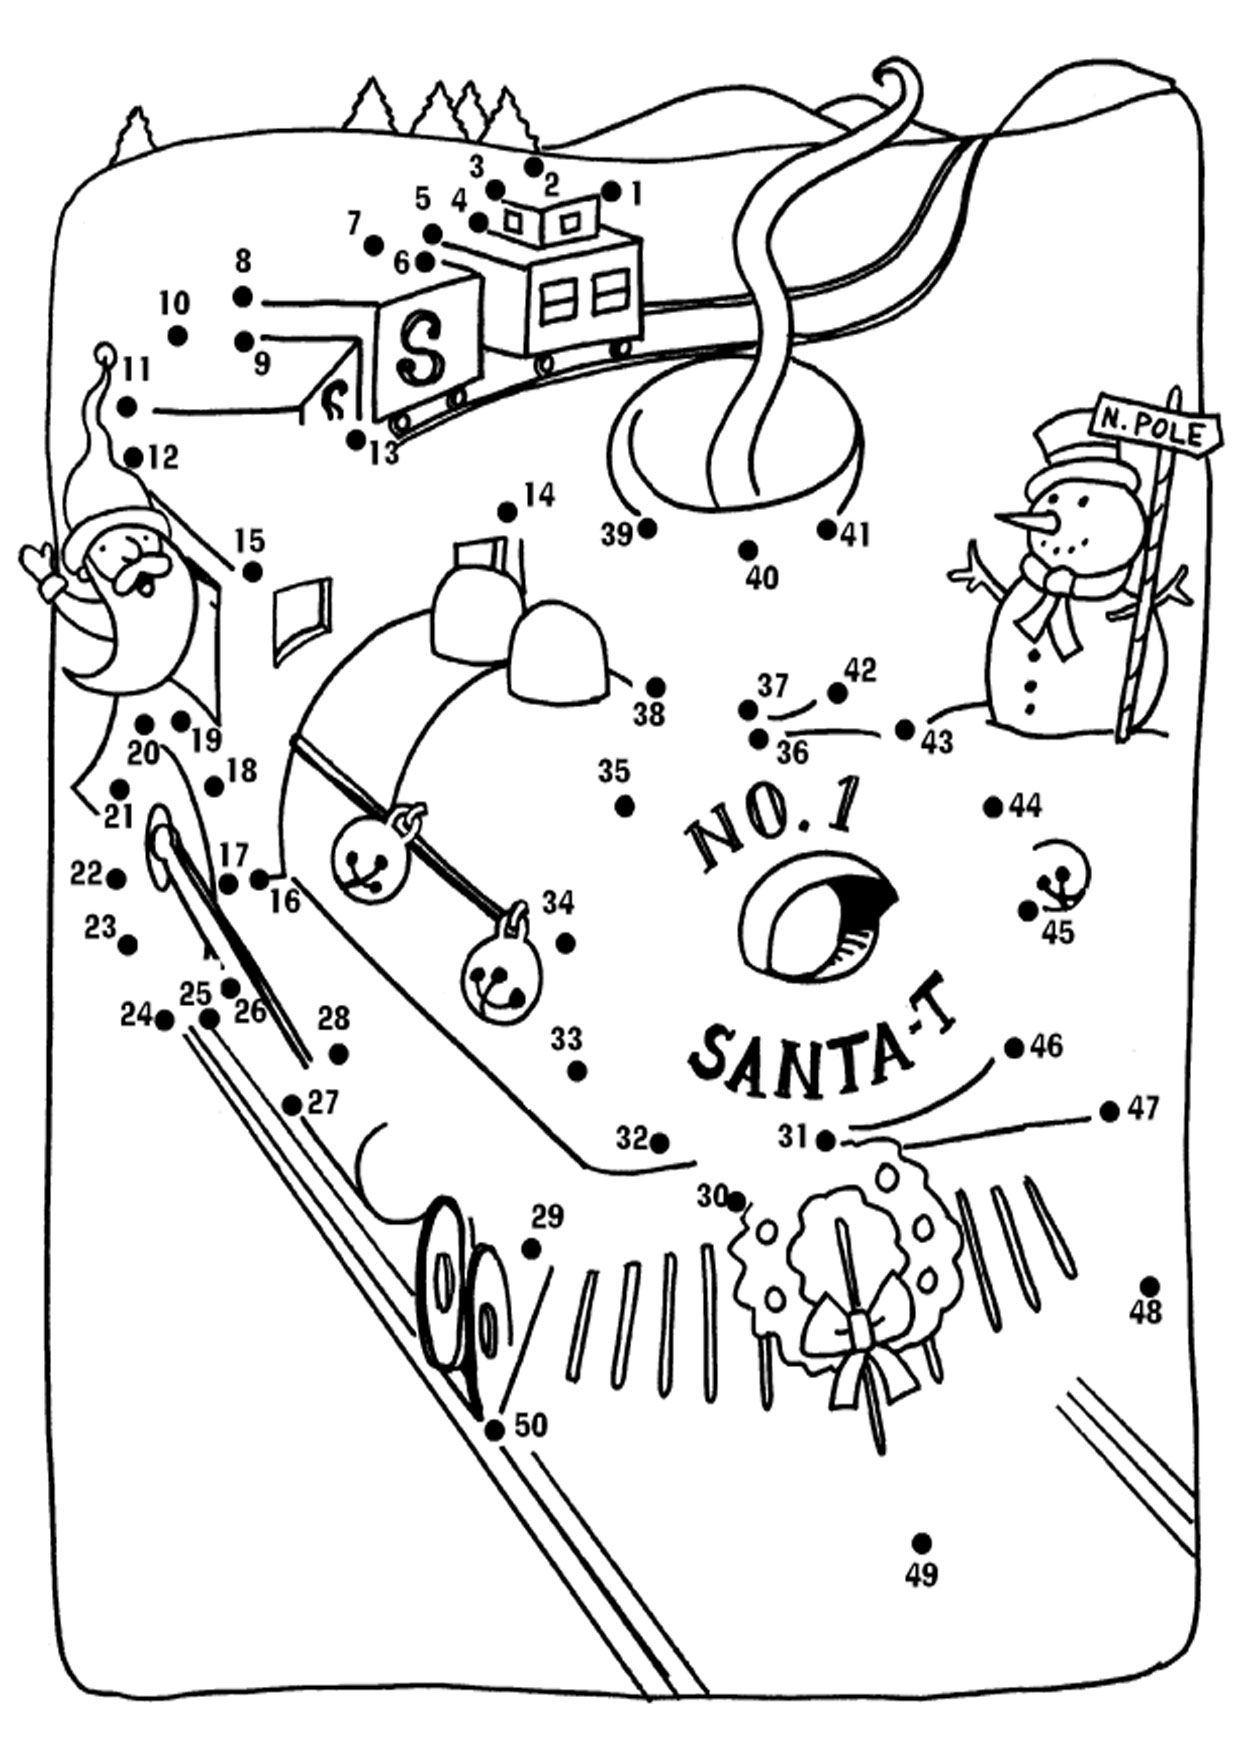 Unisci-Puntini-Natale-20